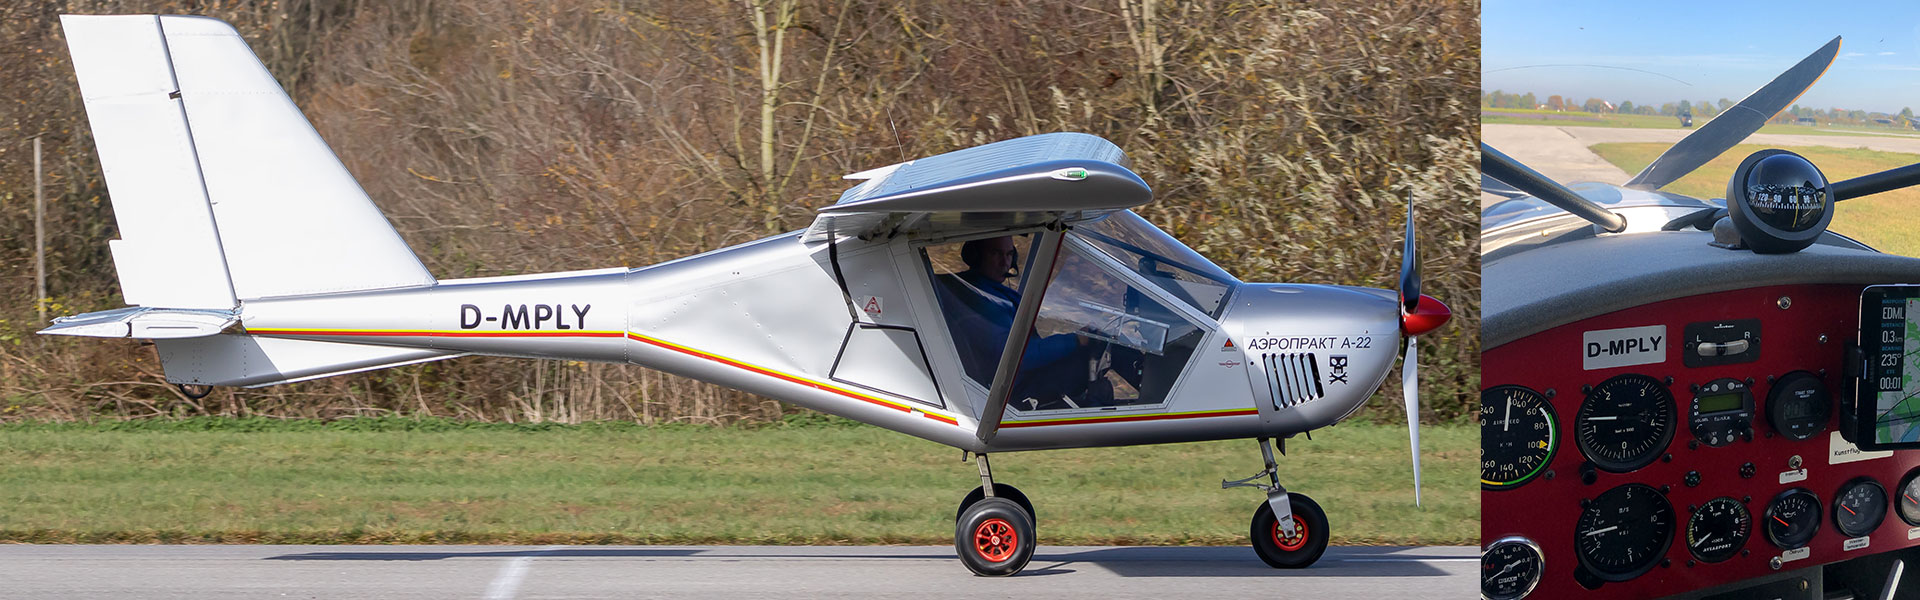 Ultraleicht-Flugzeug für den Rundflug Bayern